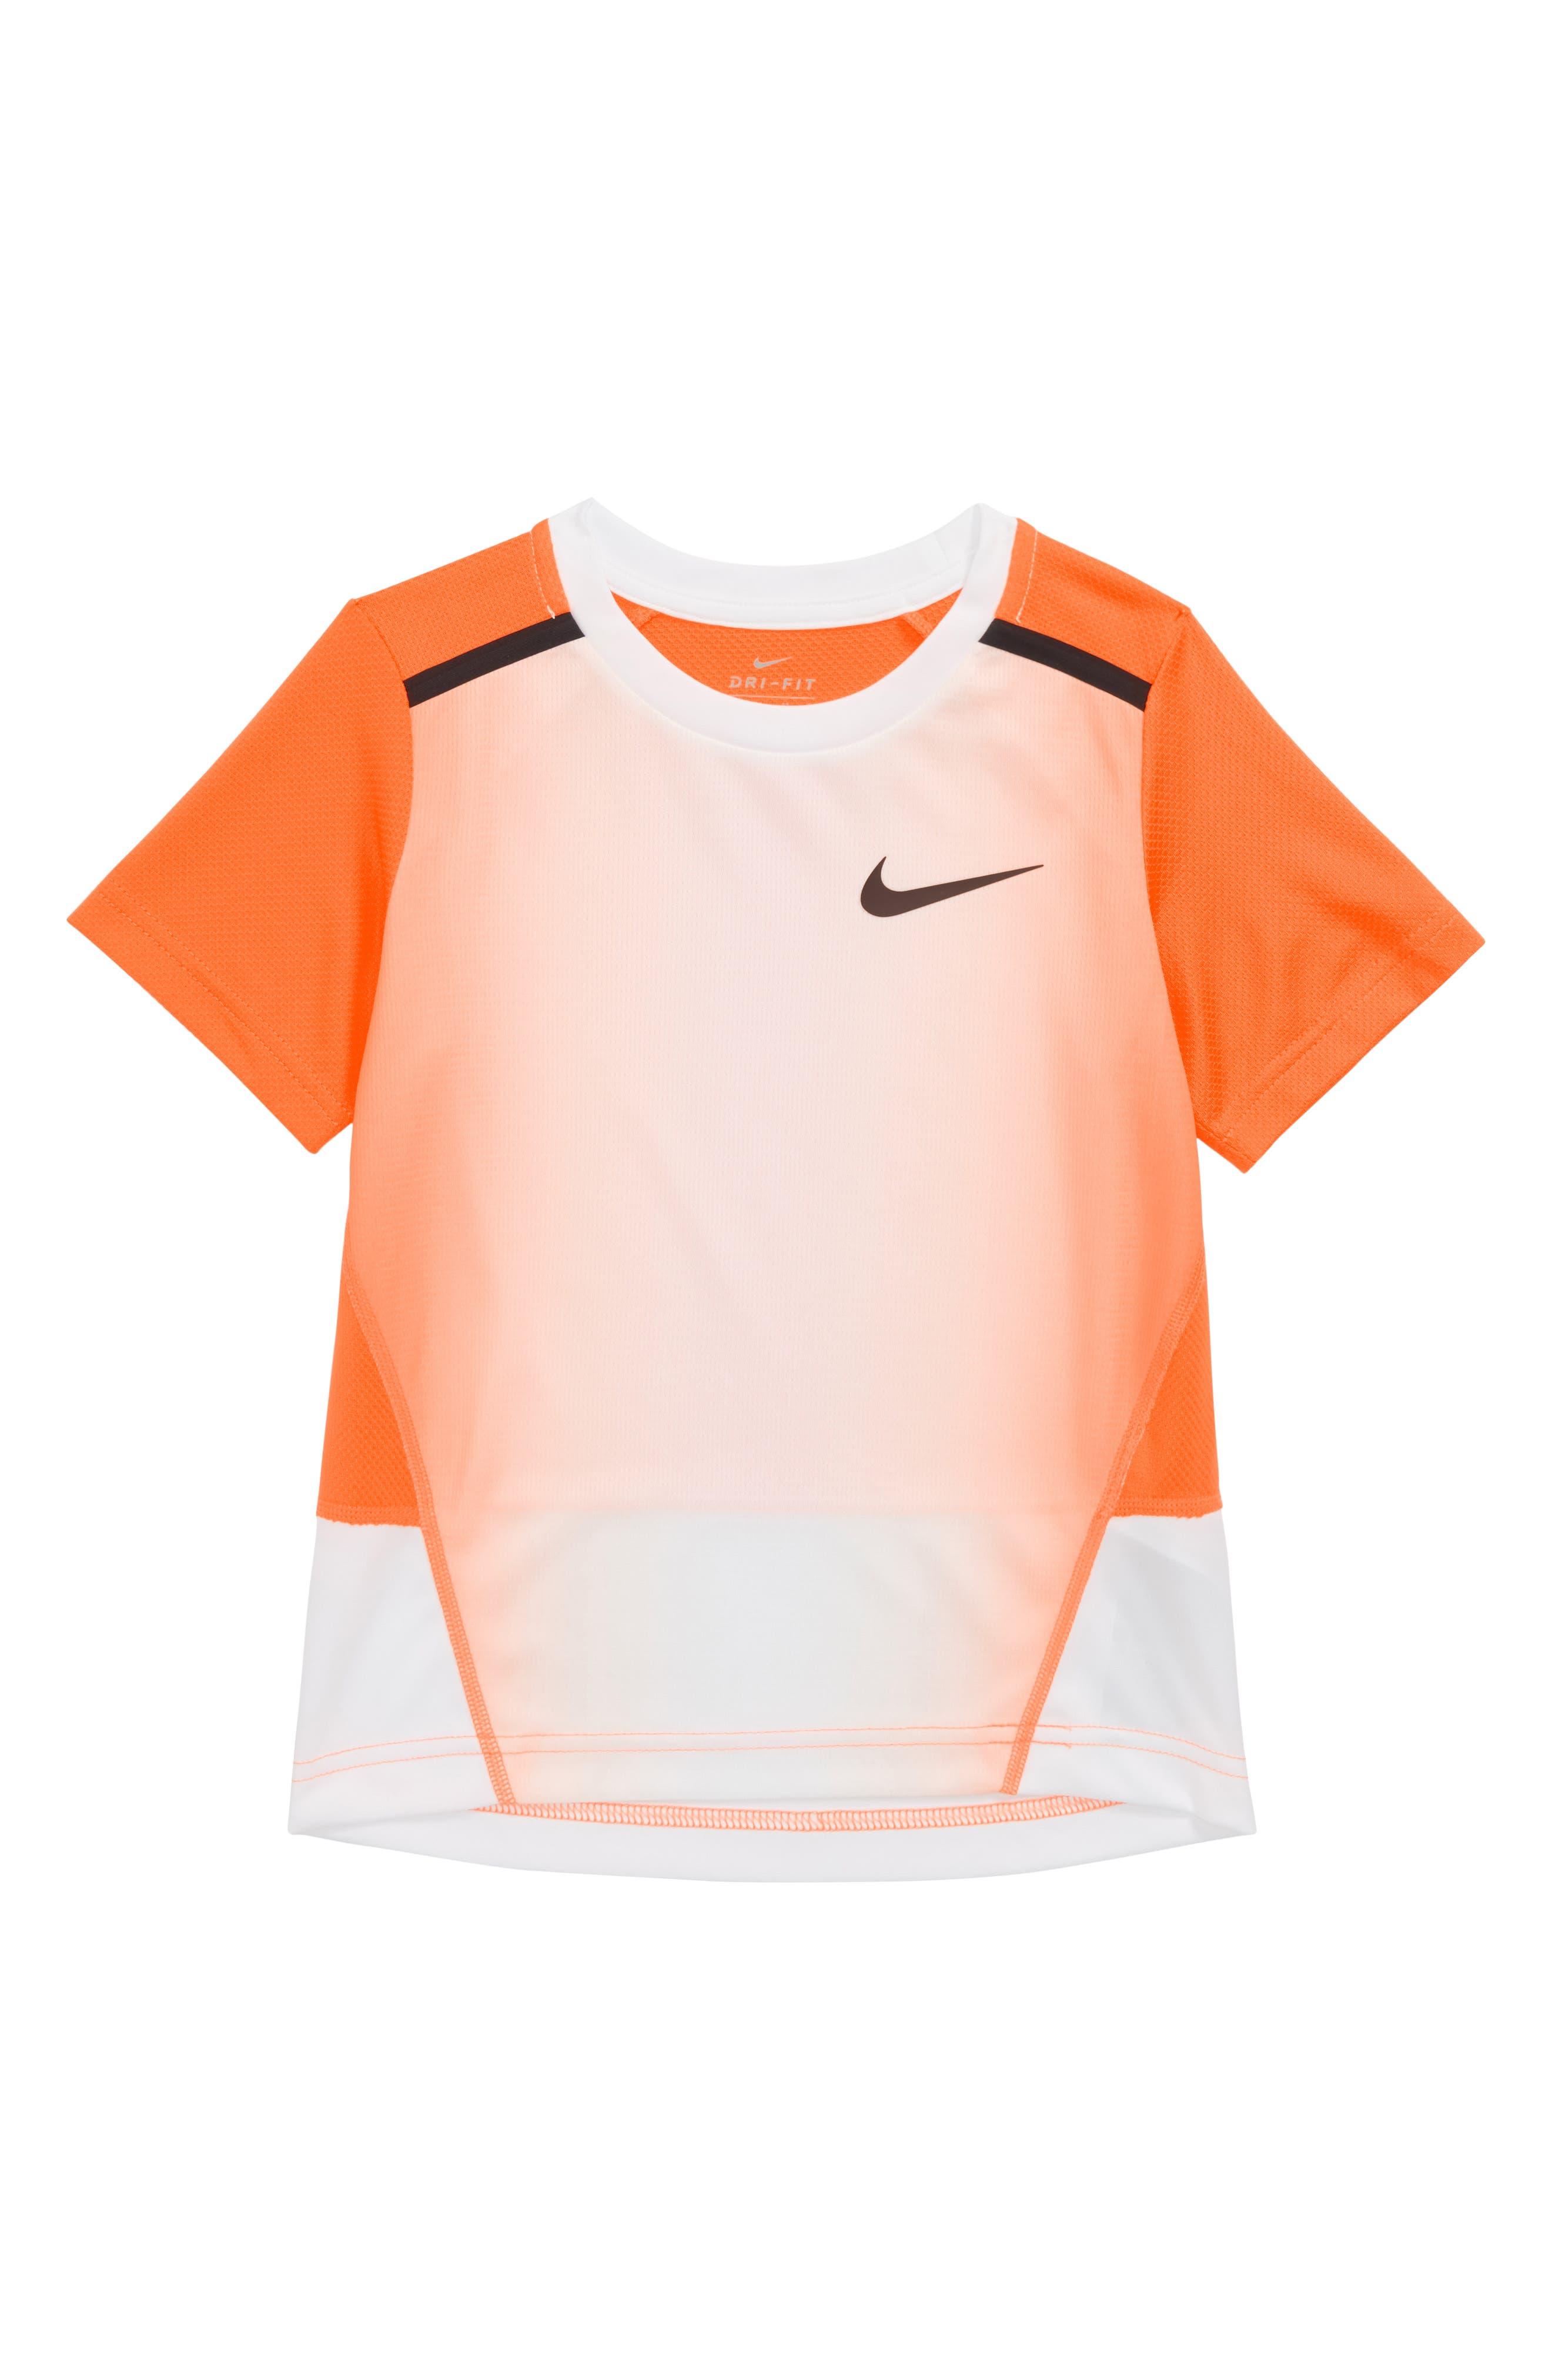 Nike Dry INSTACOOL Shirt (Toddler Boys & Little Boys)